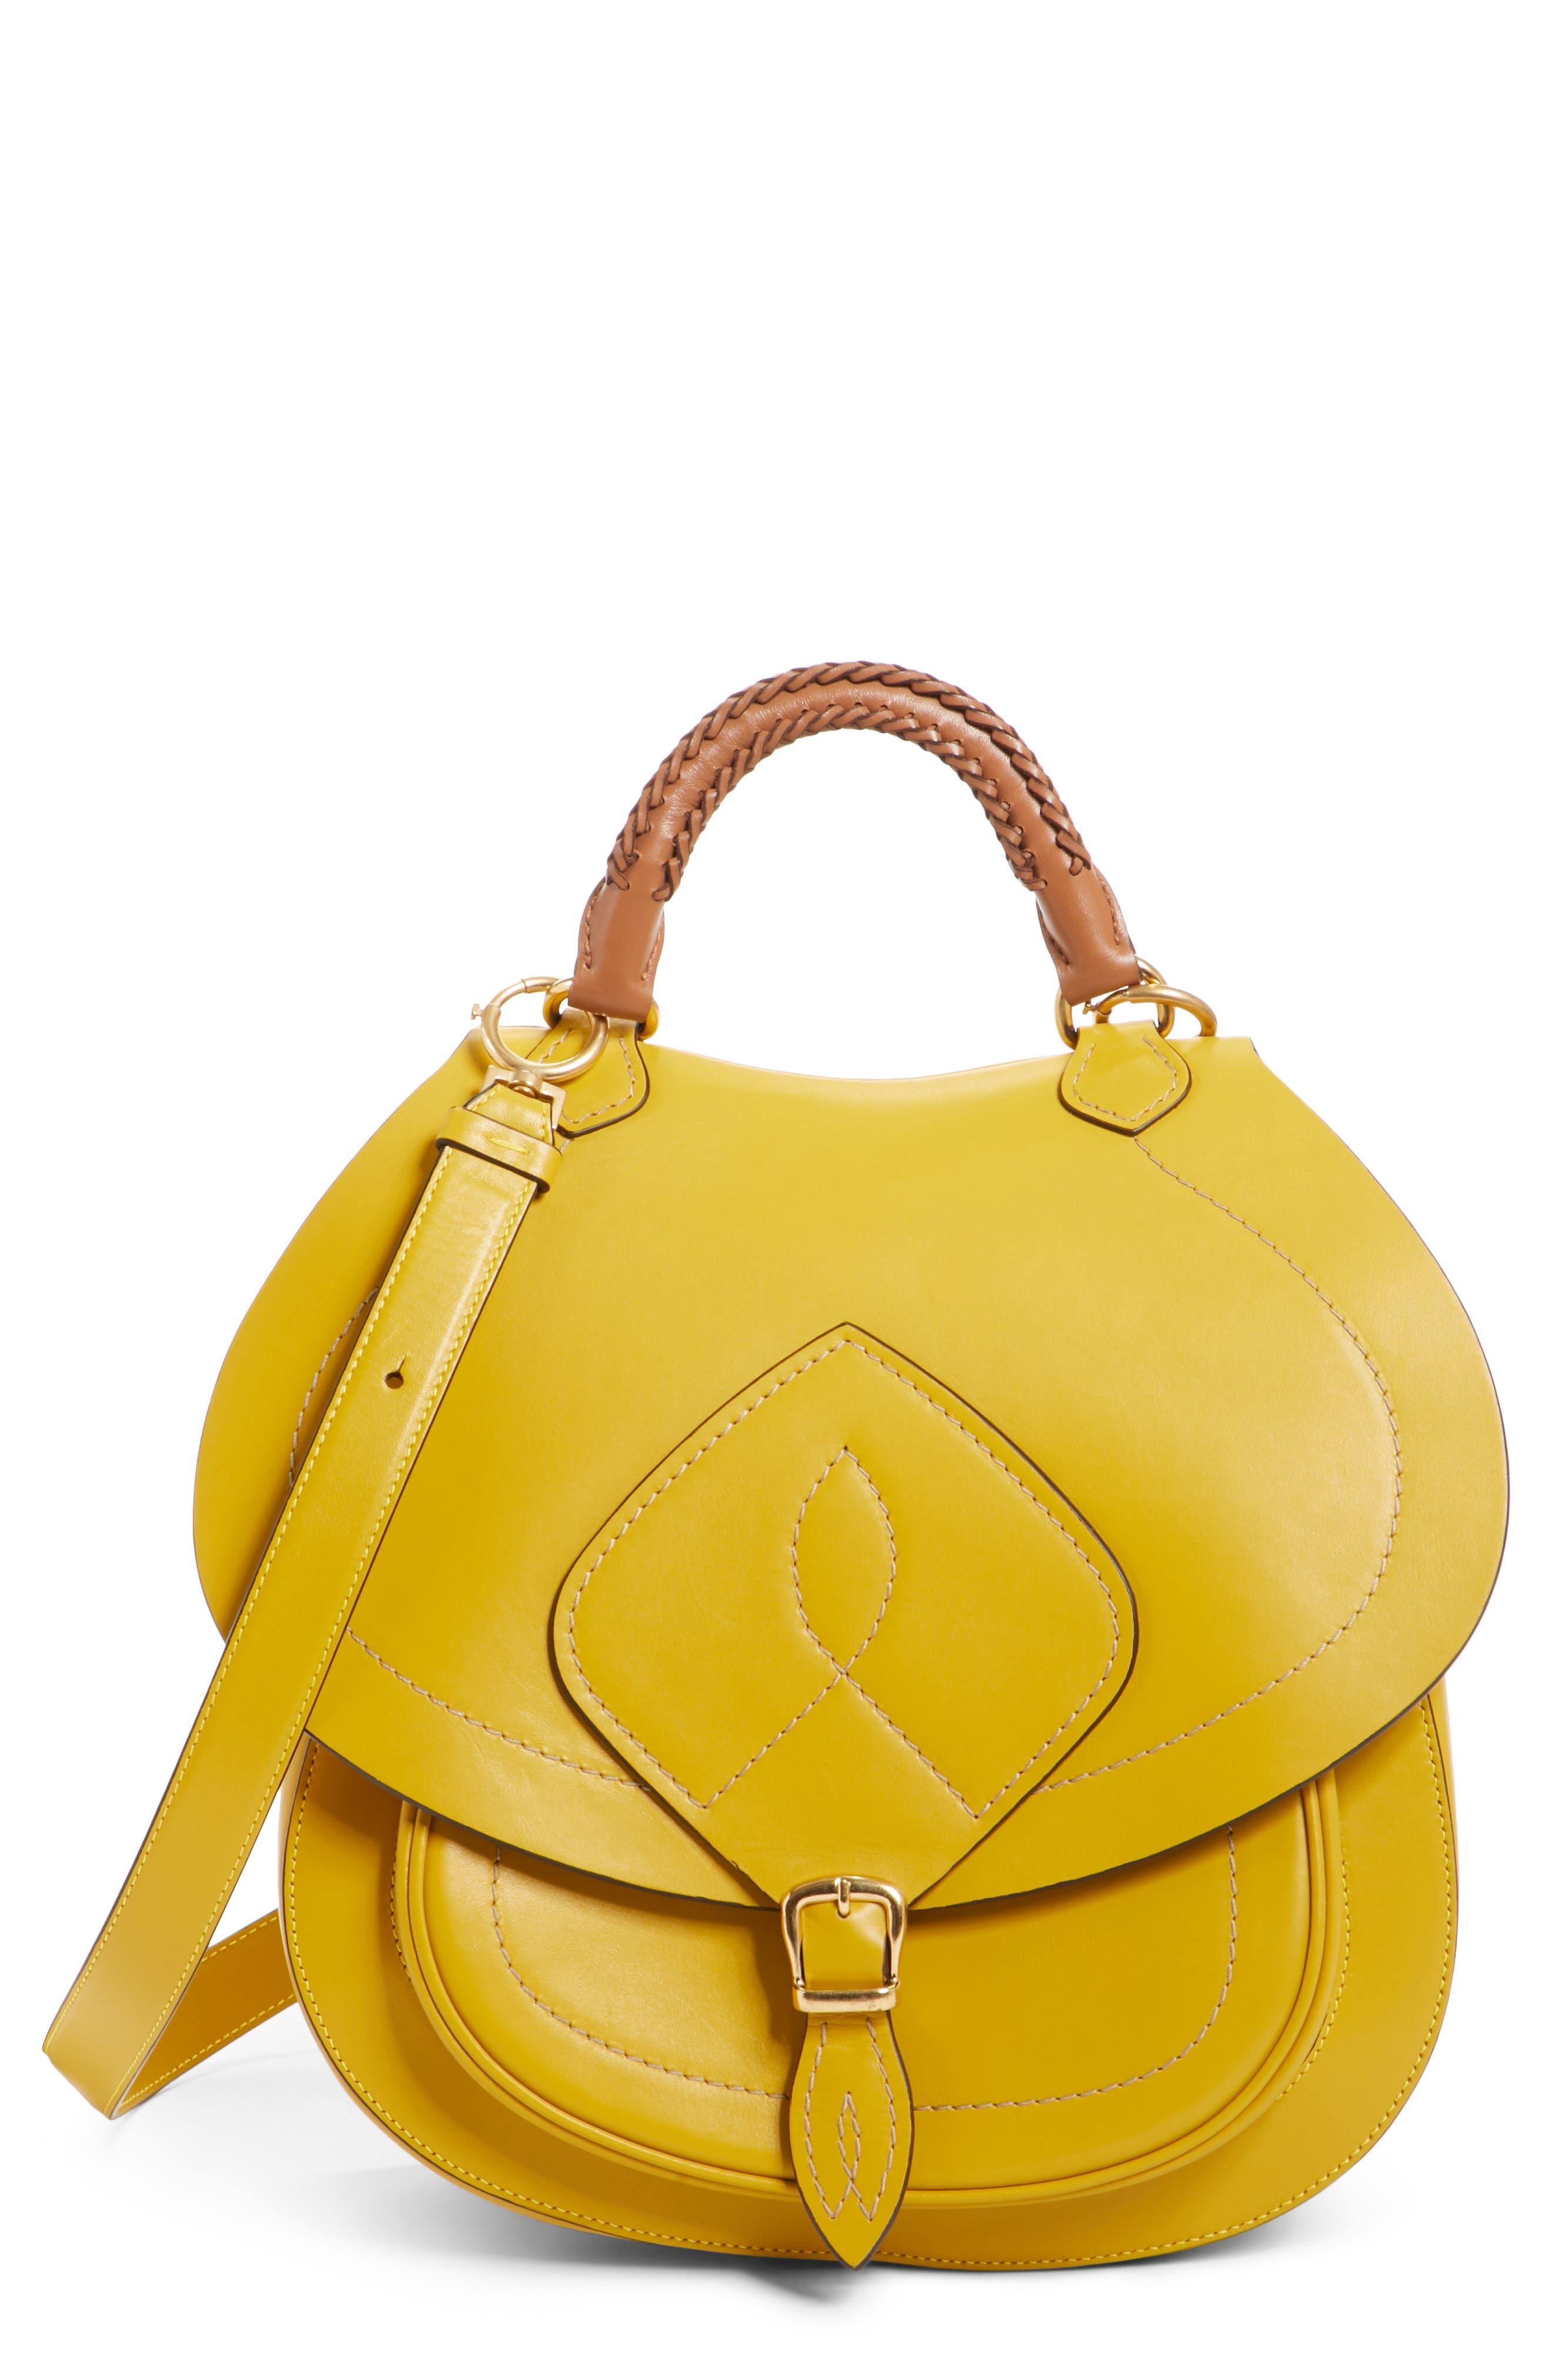 Large Bag Slide Leather Saddle Bag,                         Main,                         color, YELLOW